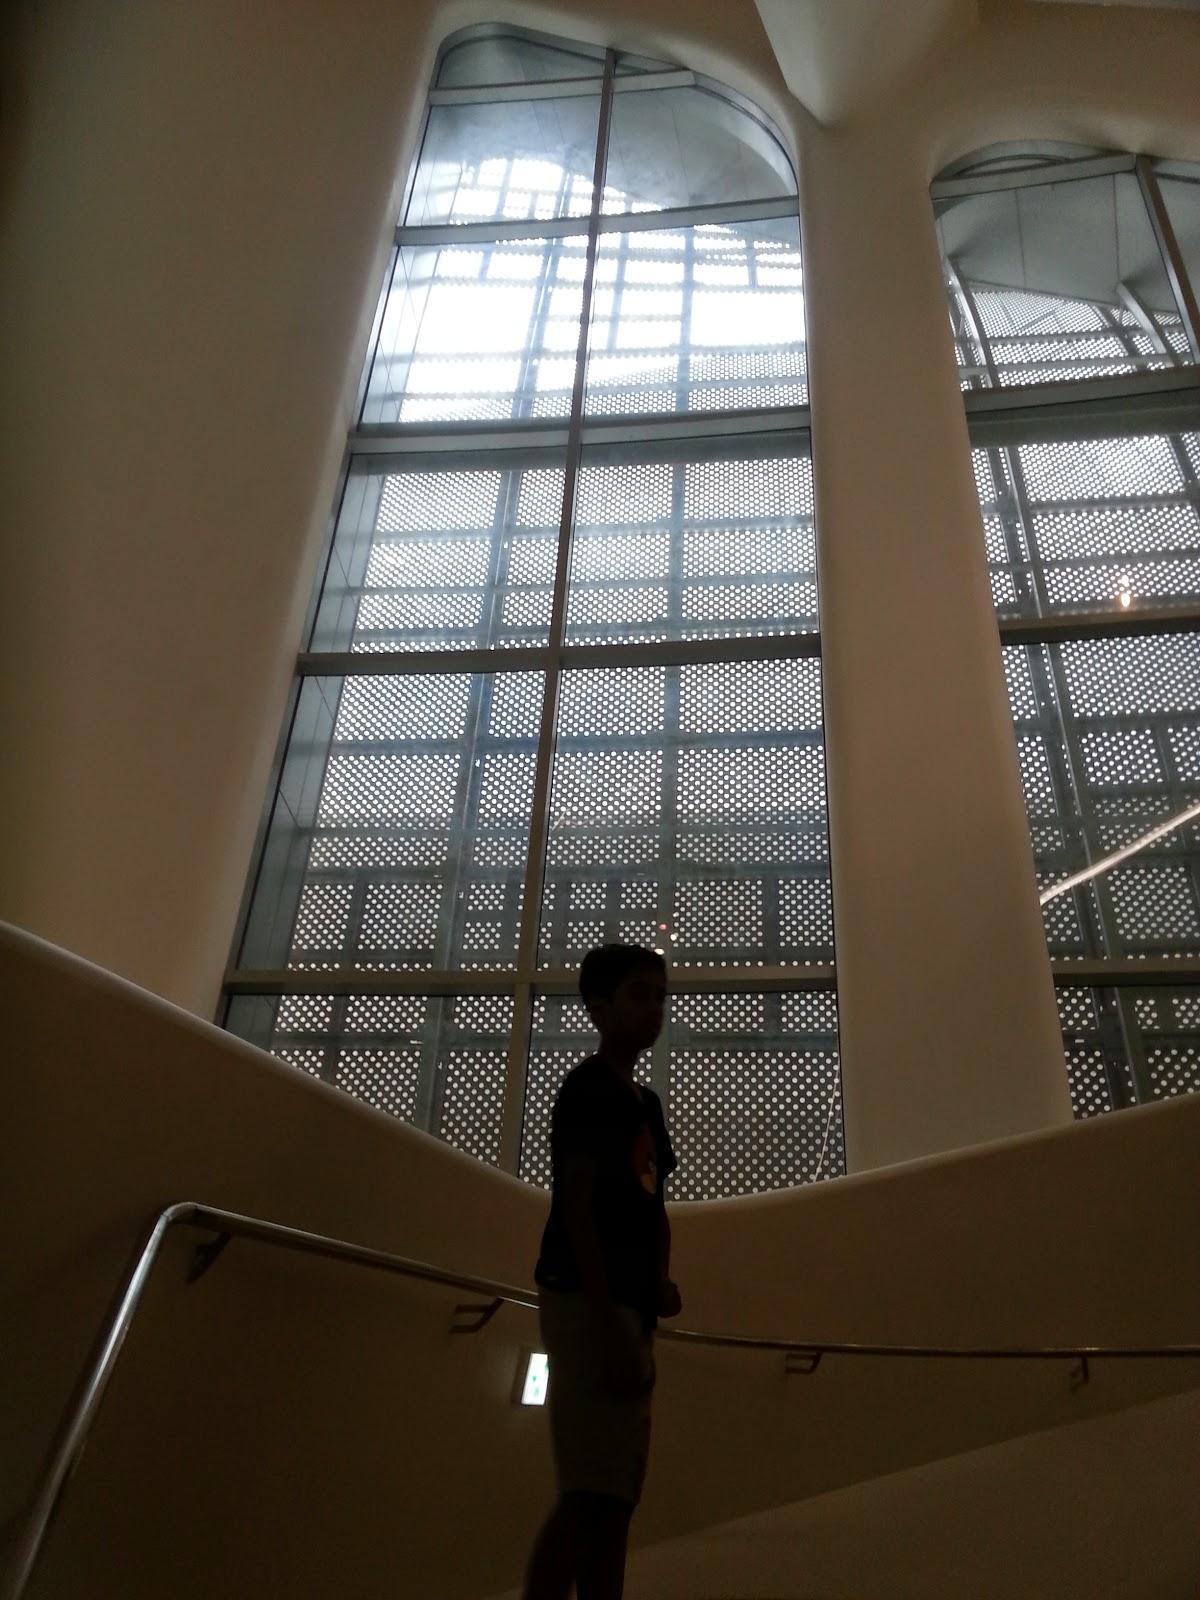 unique windows of the Design plaza in Dongdaemun